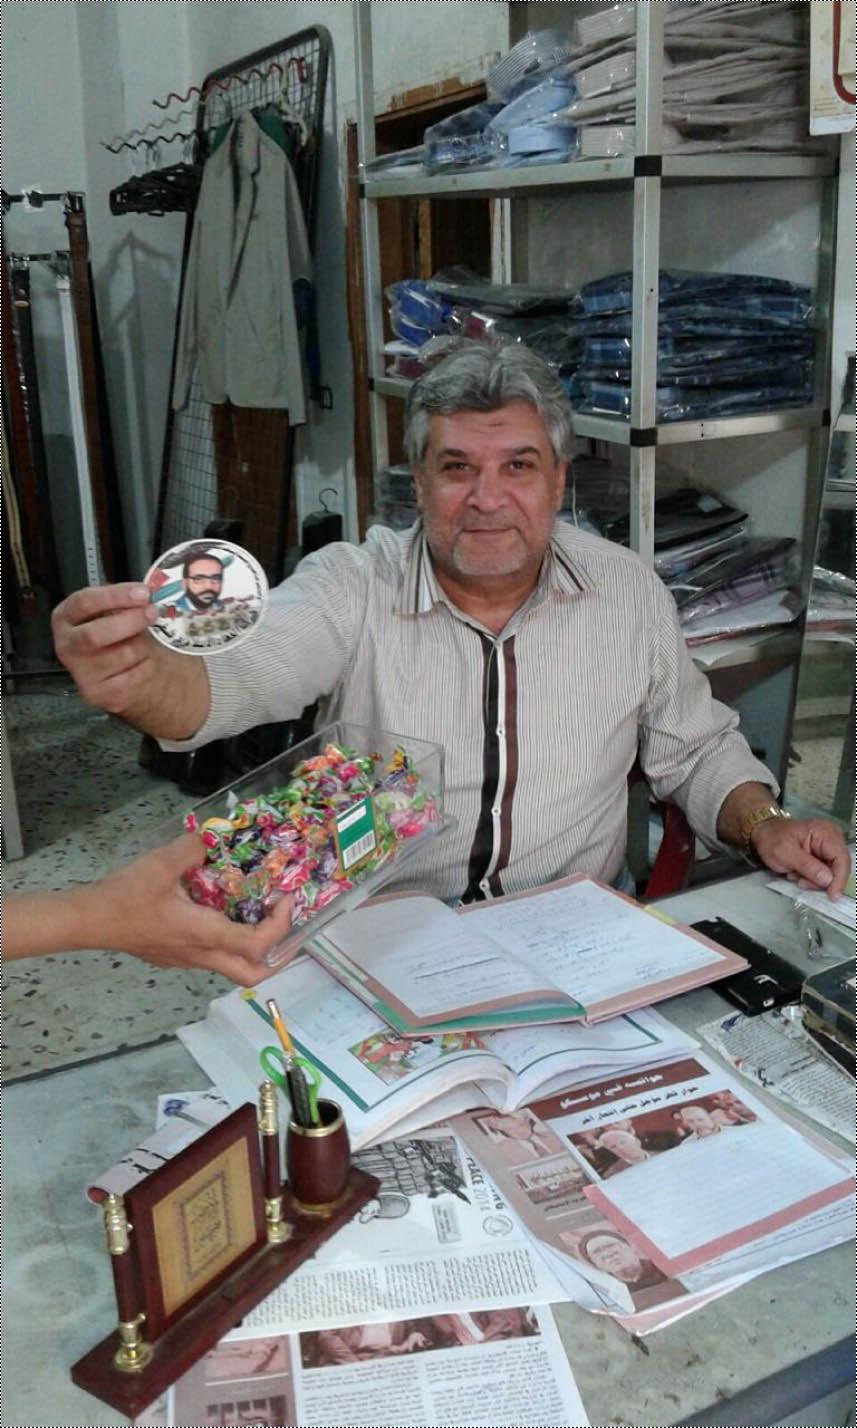 كشافة بيت المقدس توزع حلوى وملصقات ابتهاجاً بعملية القدس في الرشيدية